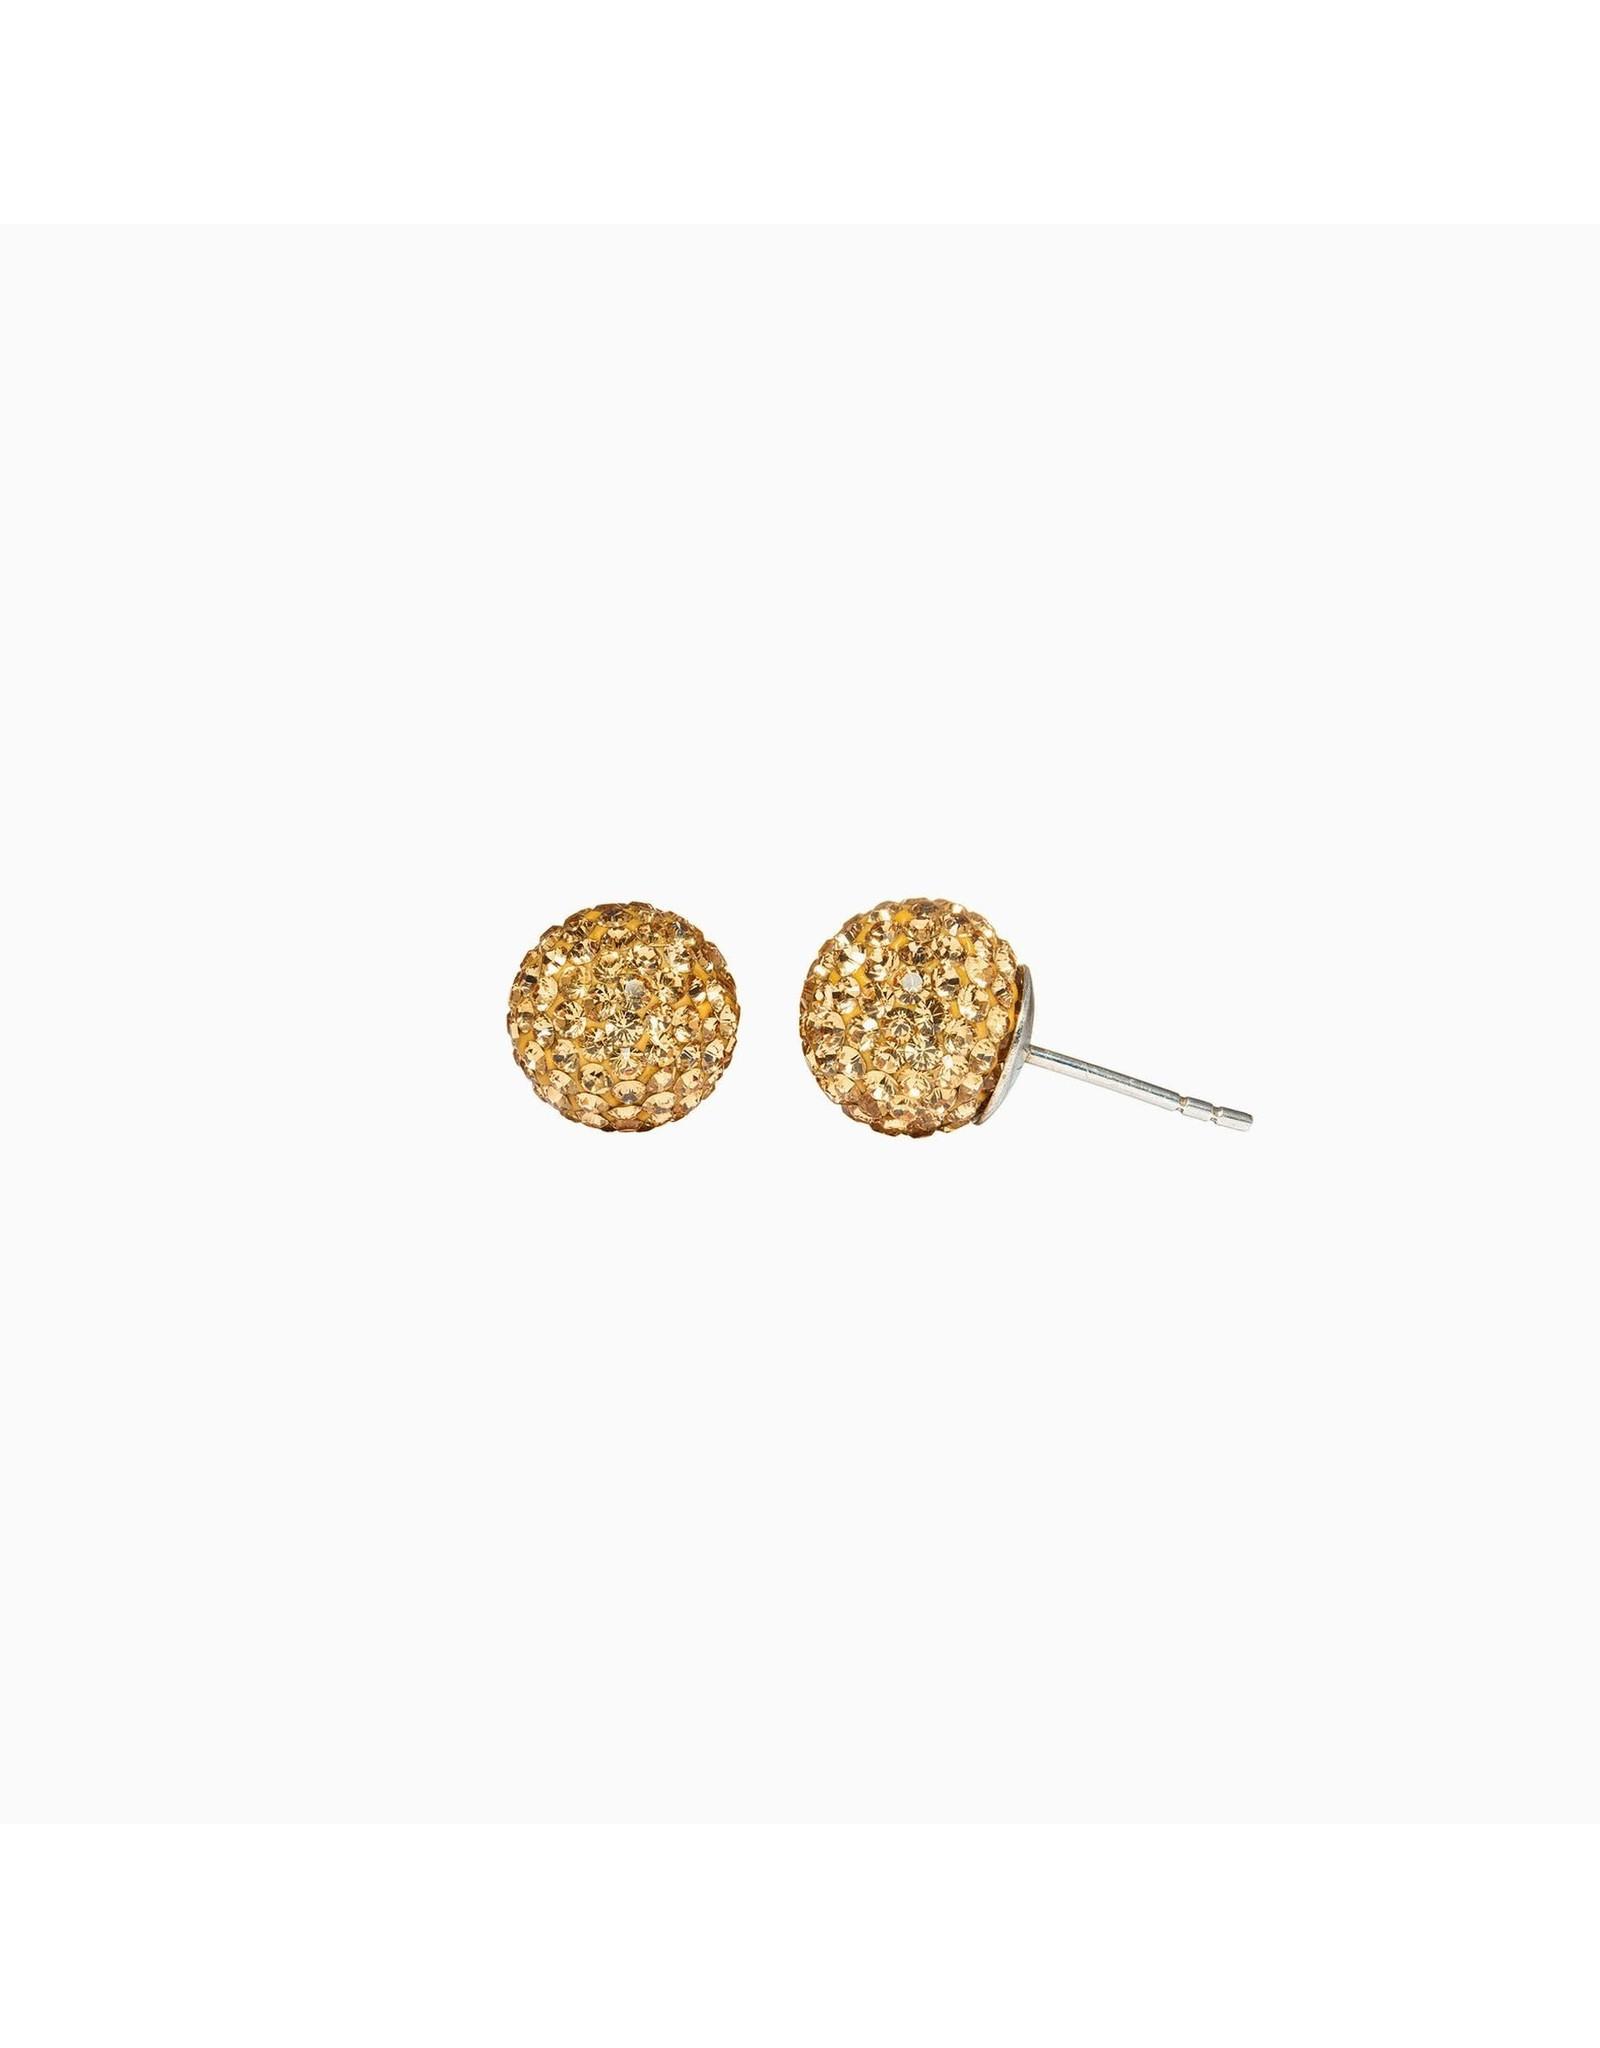 Hillberg & Berk Hillberg & Berk Gold 10mm Sparkleball Studs